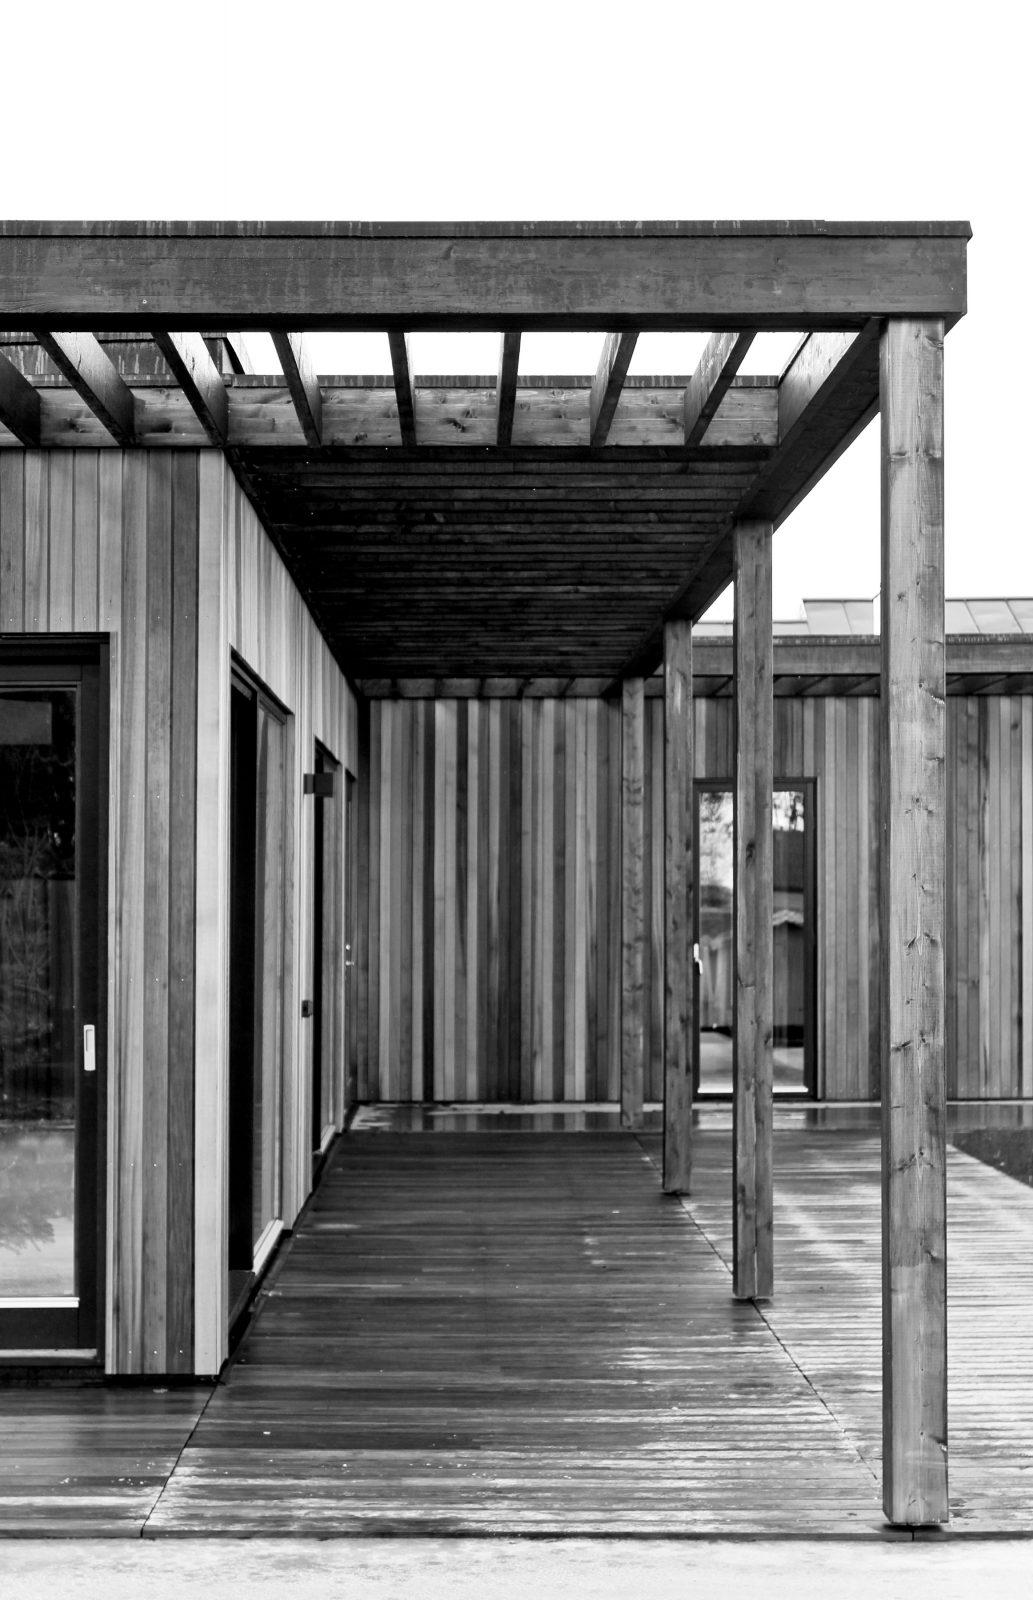 KjellanderSjoberg VillaVisuri pergola deck 3600x2324px